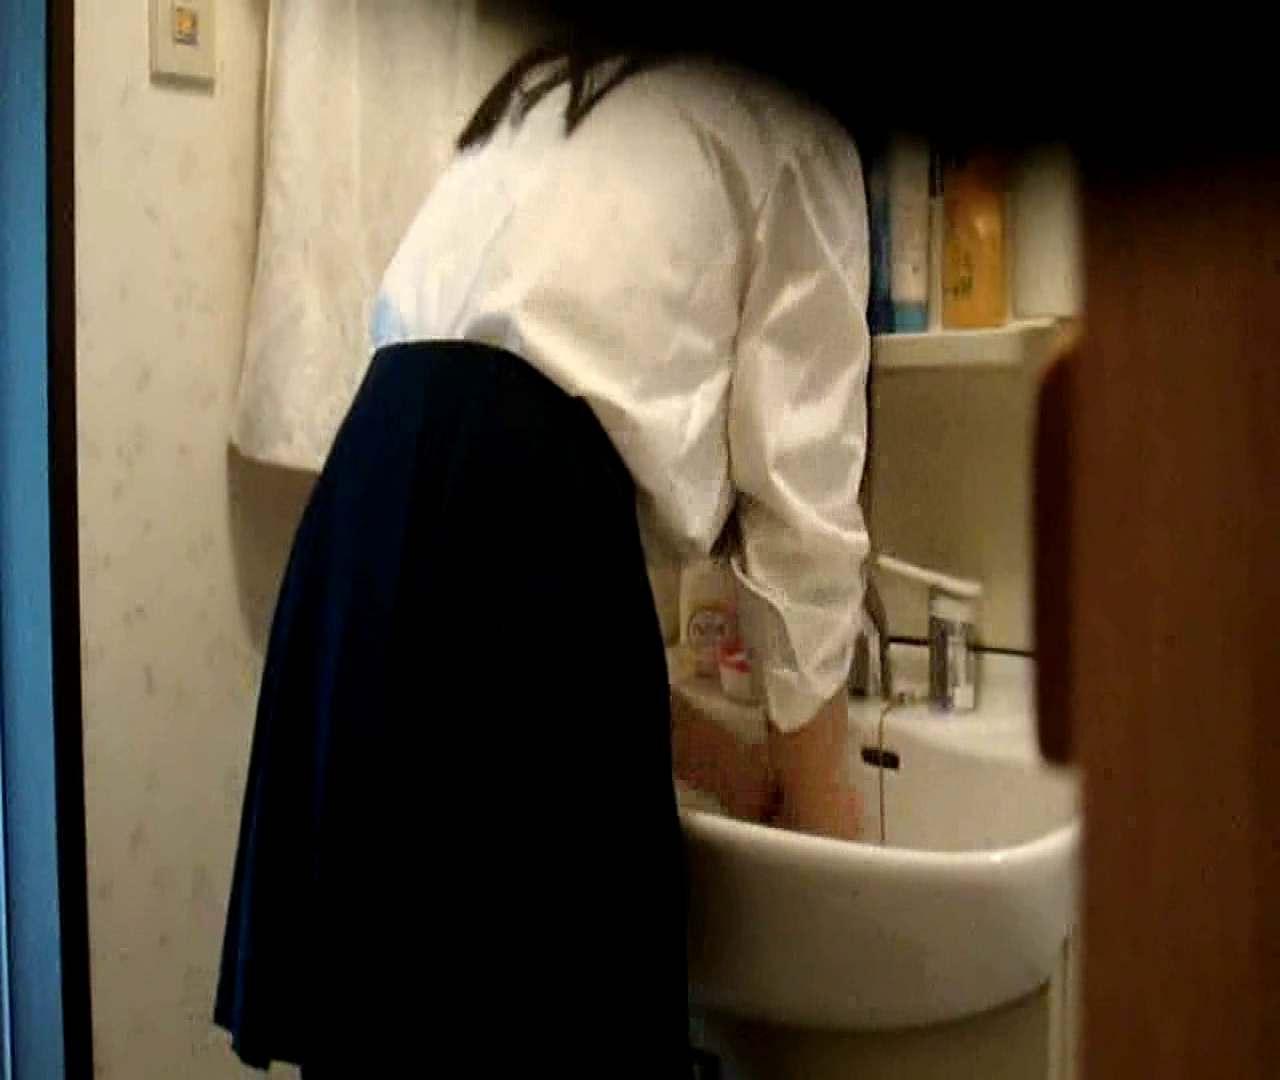 二人とも育てた甲斐がありました… vol.05 まどかが洗顔後にブラを洗濯 HなOL | 0  98pic 96